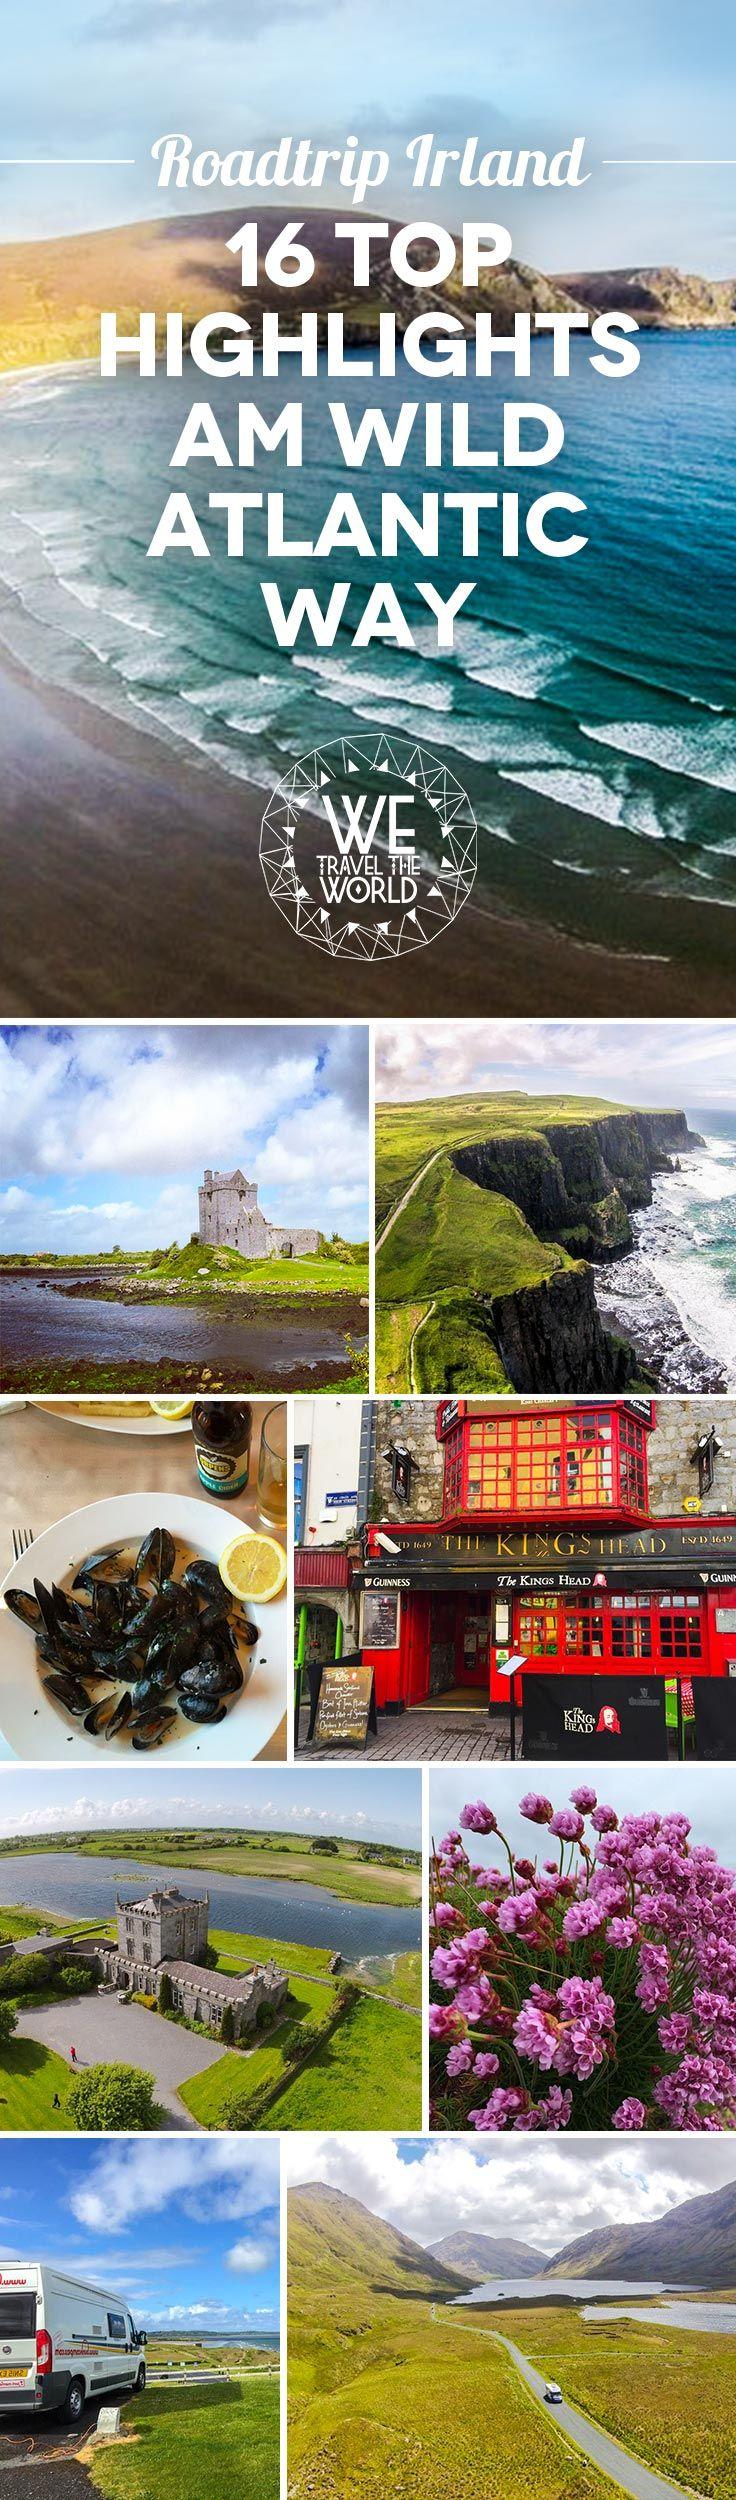 Road Trip Wild Atlantic Way: 16 puntos destacados a lo largo de la espectacular carretera costera de Irlanda hacia los acantilados de Moher